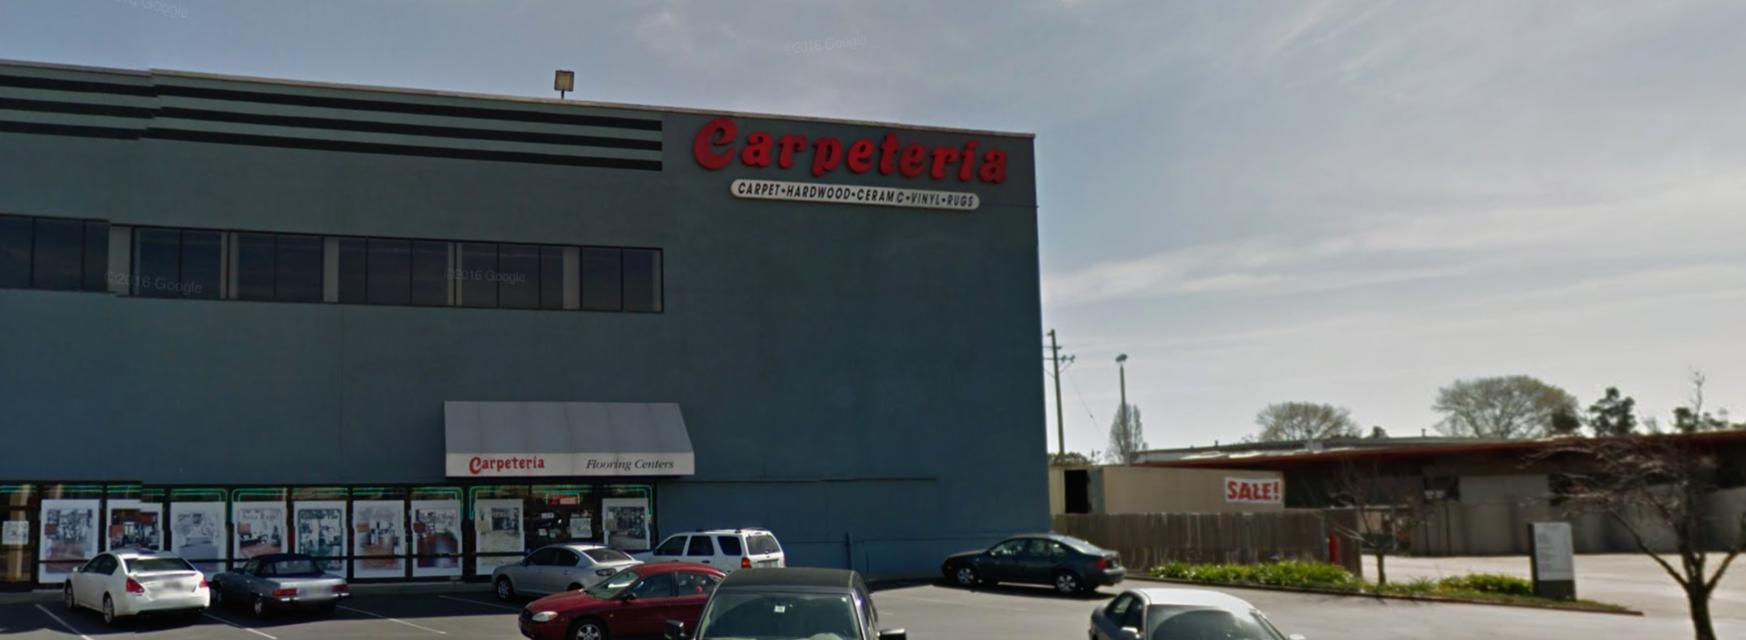 Carpeteria Flooring Centers store front